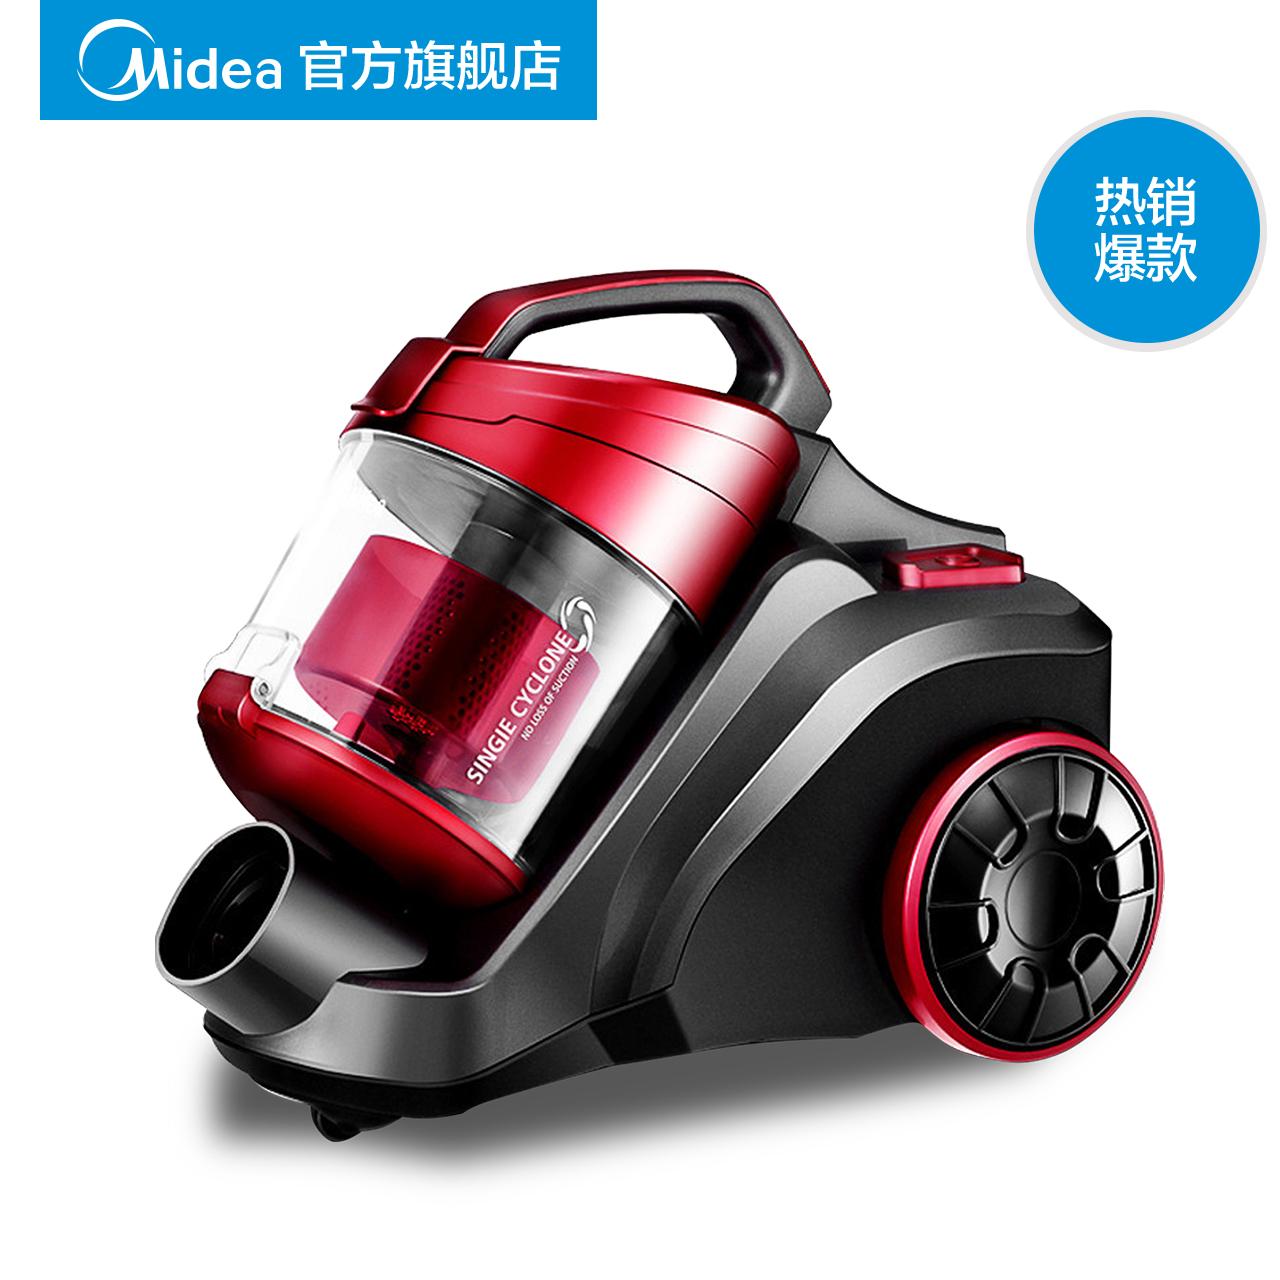 美的家用小型吸尘器c3148b